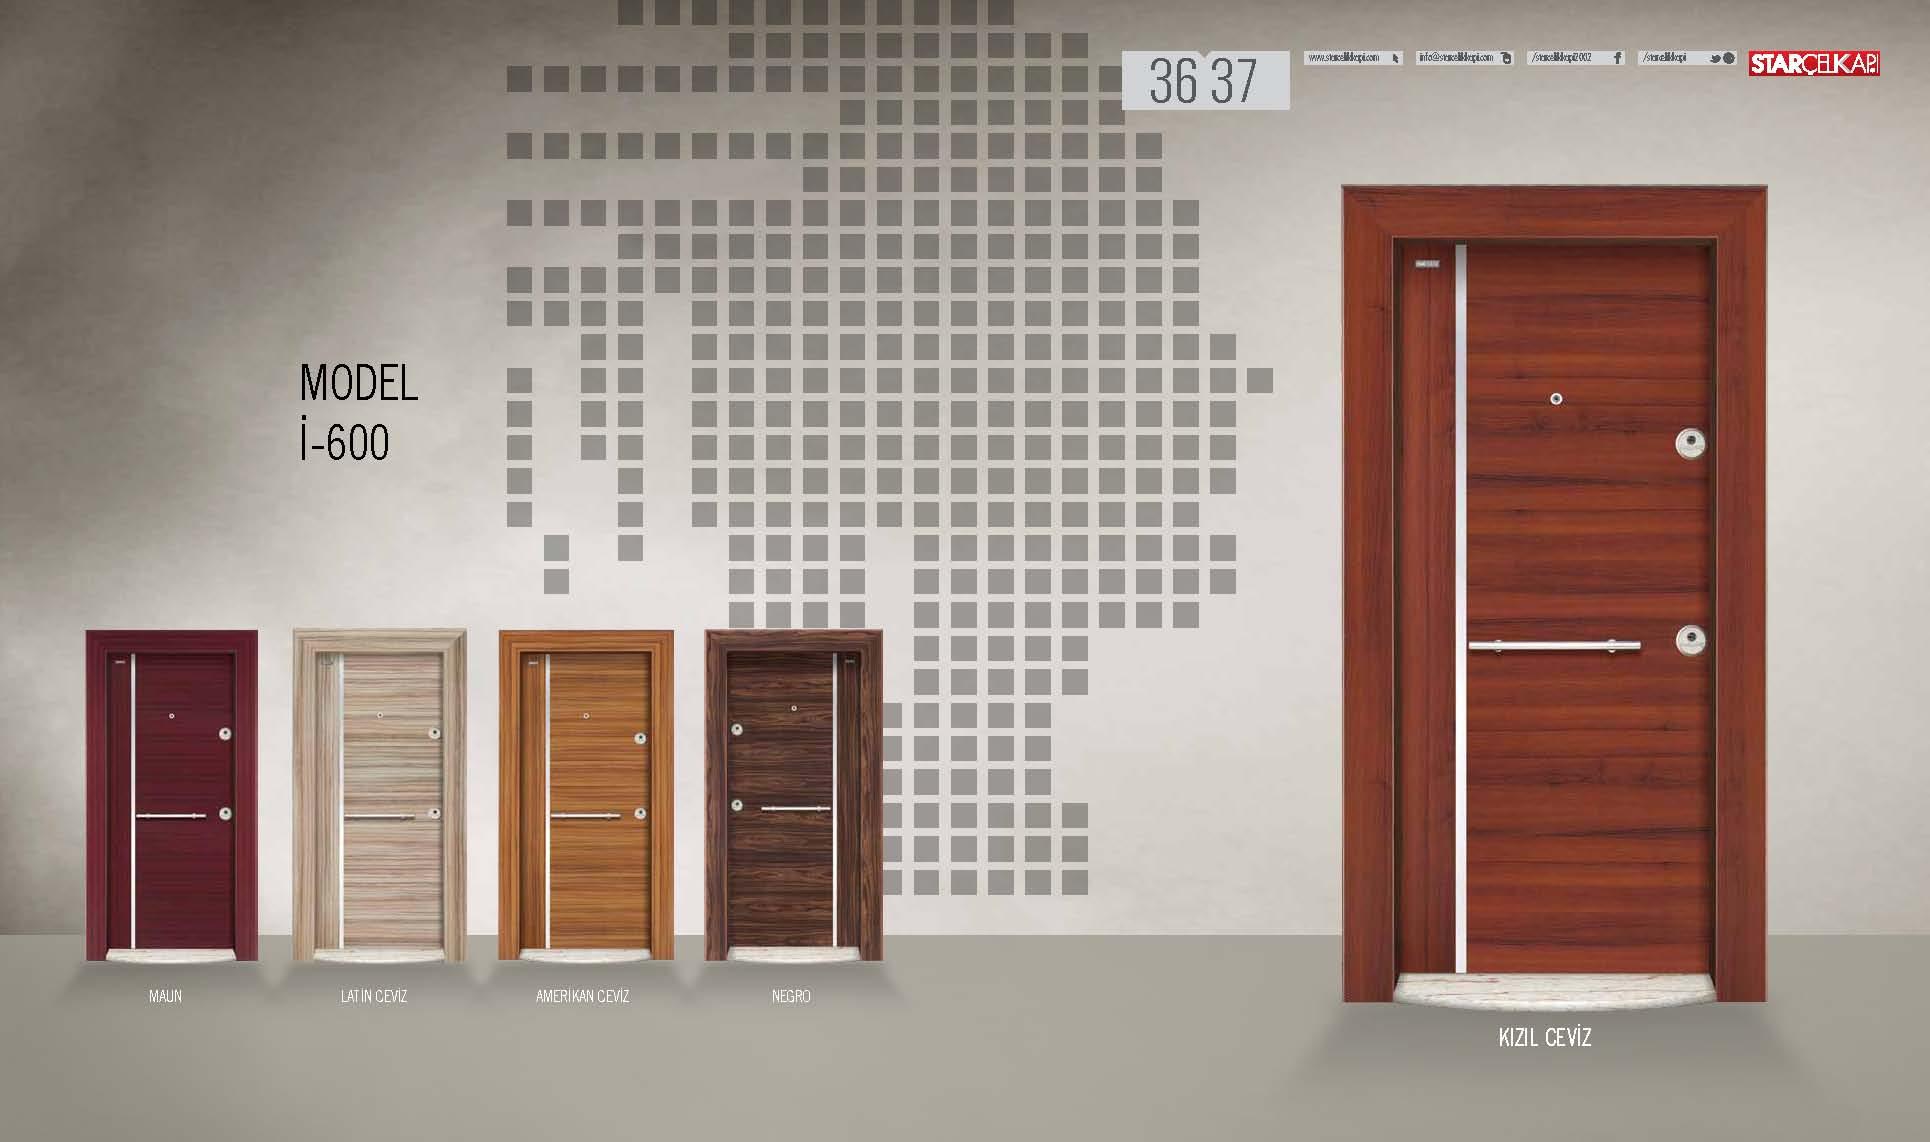 vhodni-vrati-starcelik_page_19